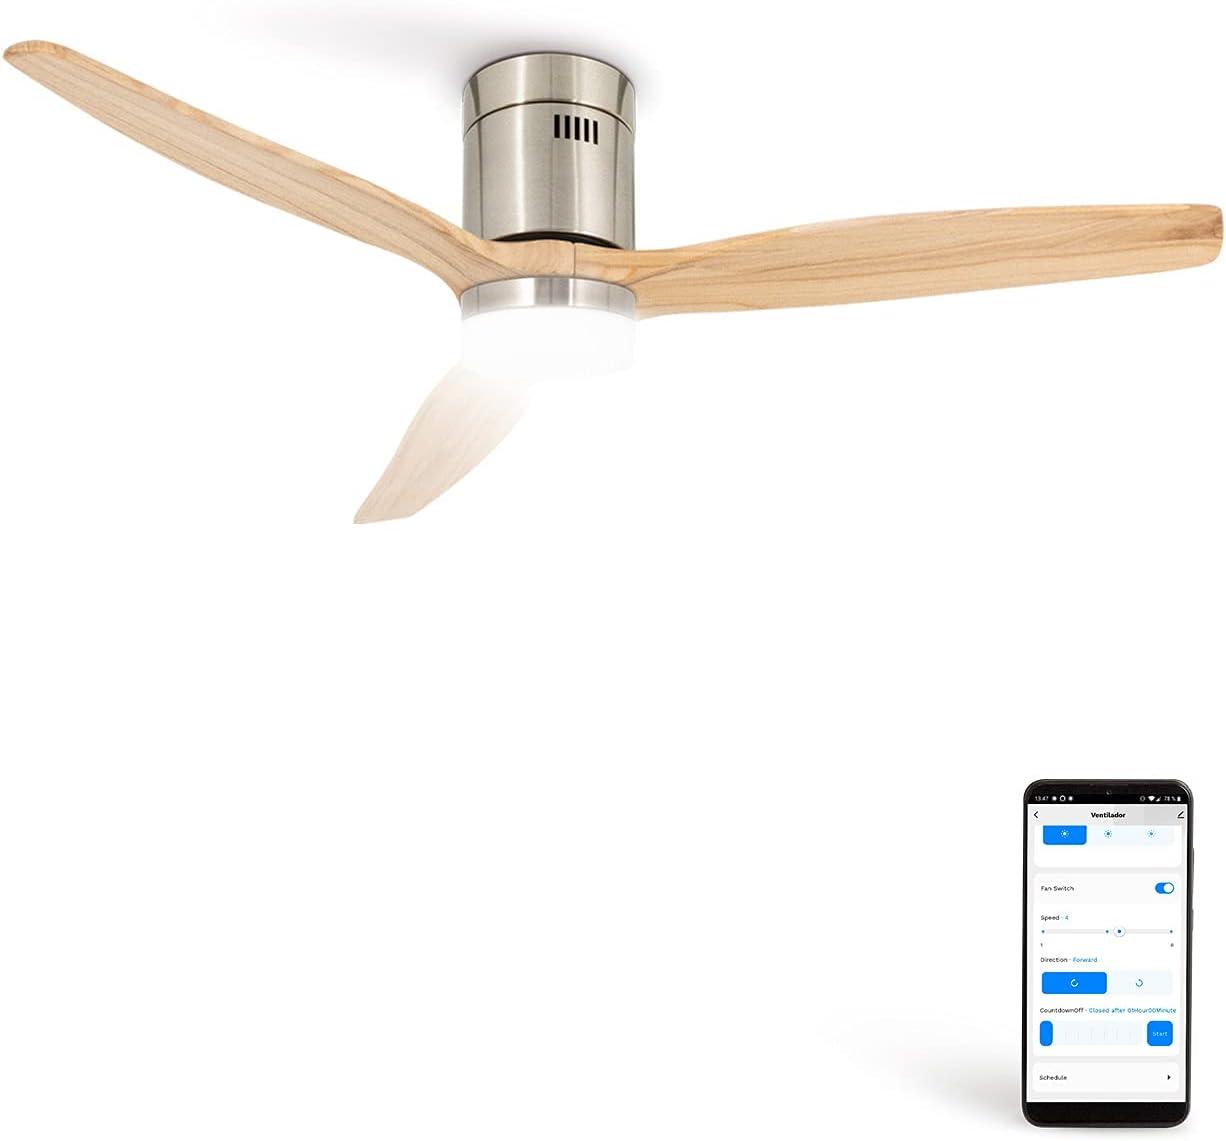 CREATE IKOHS WINDCALM DC STYLANCE NICKEL - Ventilador de Techo Wifi, con Mando a Distancia, 3 Aspas, Potencia de 40W, Ultrasilencioso, 132 cm de Diametro, 6 Velocidades (con luz - Madera natural)